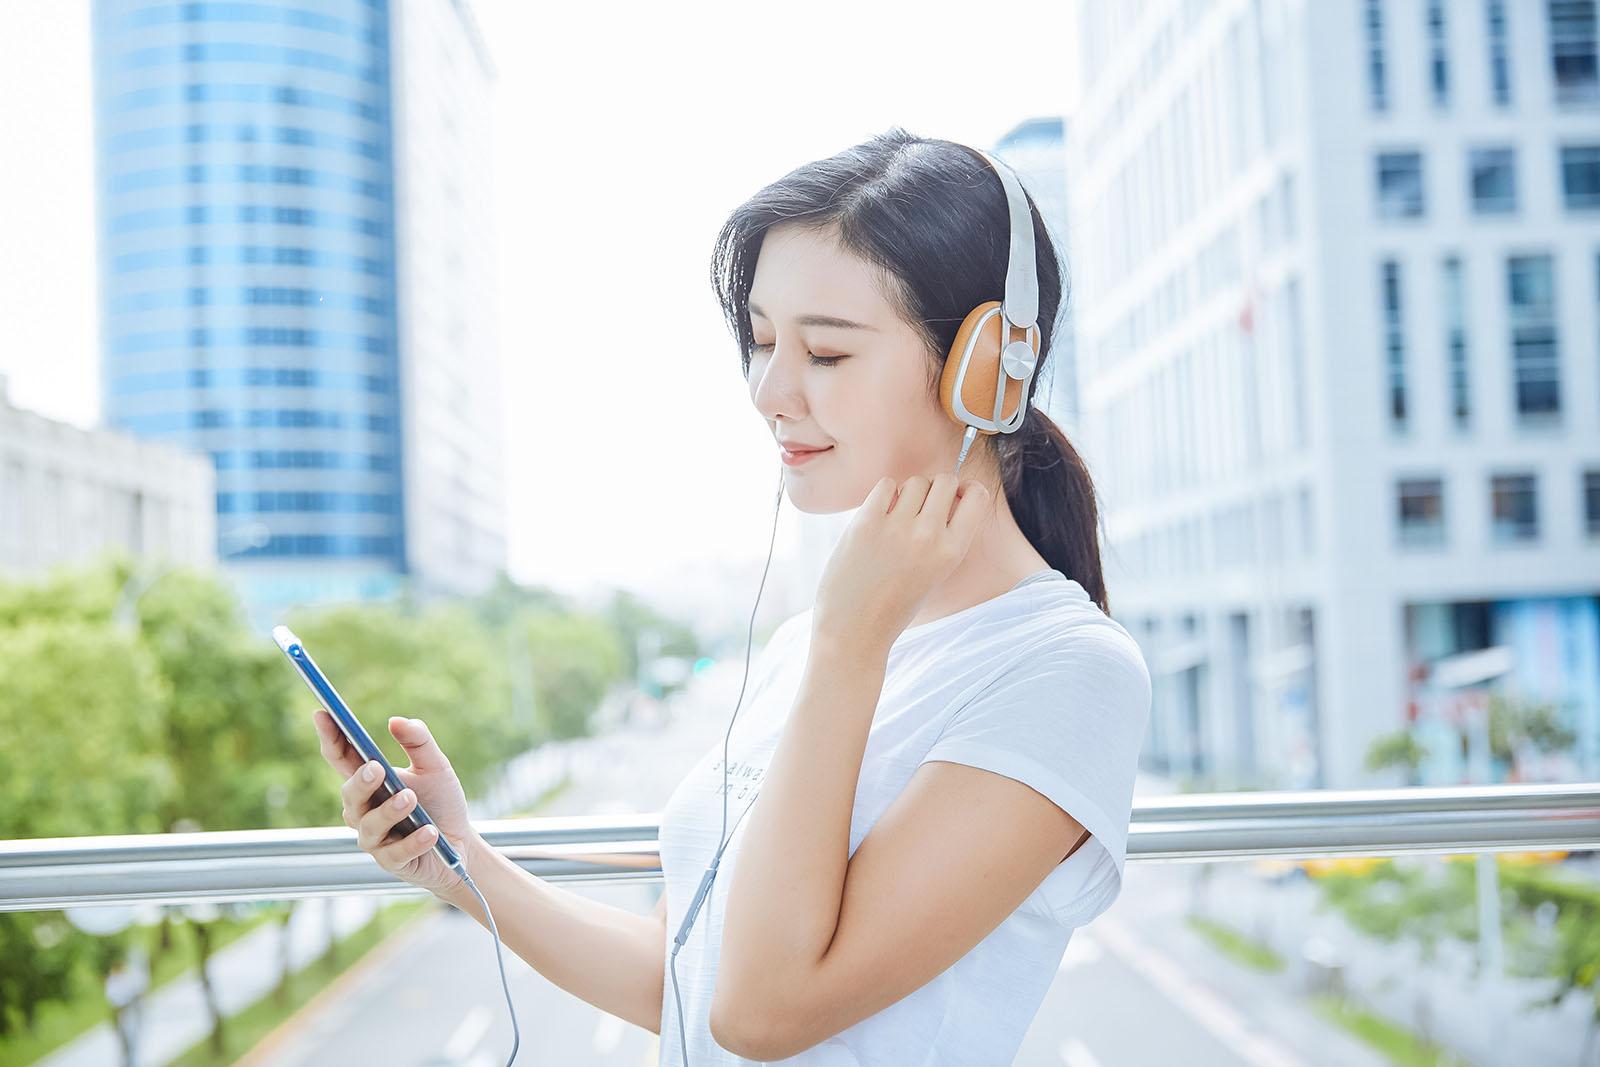 耳罩皮革經貼心的透氣處理,即使久戴也不容易感到悶熱,貼耳式�計則能達到不錯的隔音效果,大街上人來人往又如何,隨手打開音樂,瞬間就沉浸在美好的音樂世界裡。